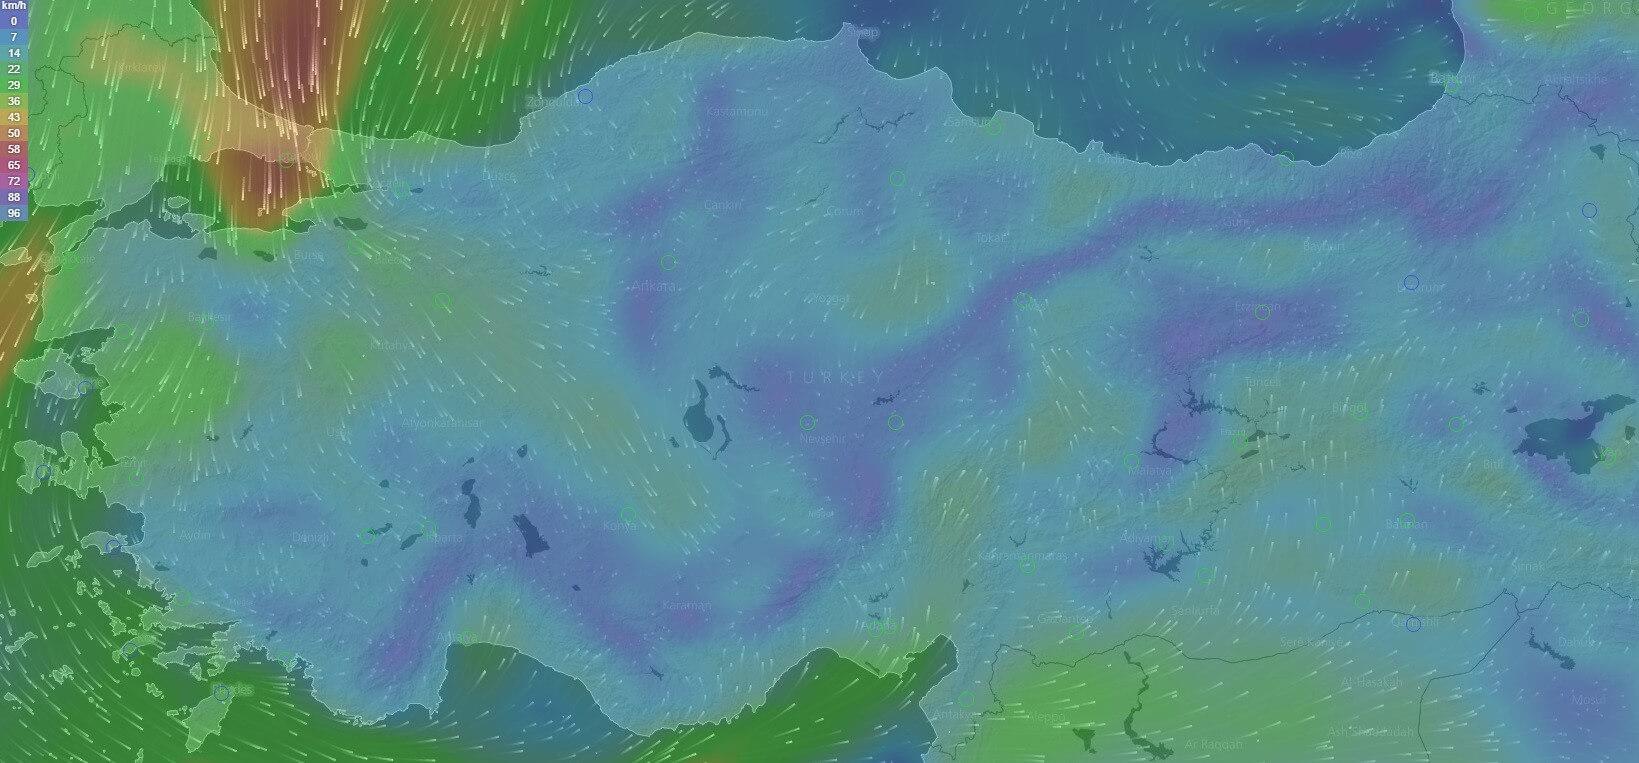 Salı Gününün Rüzgar Haritası